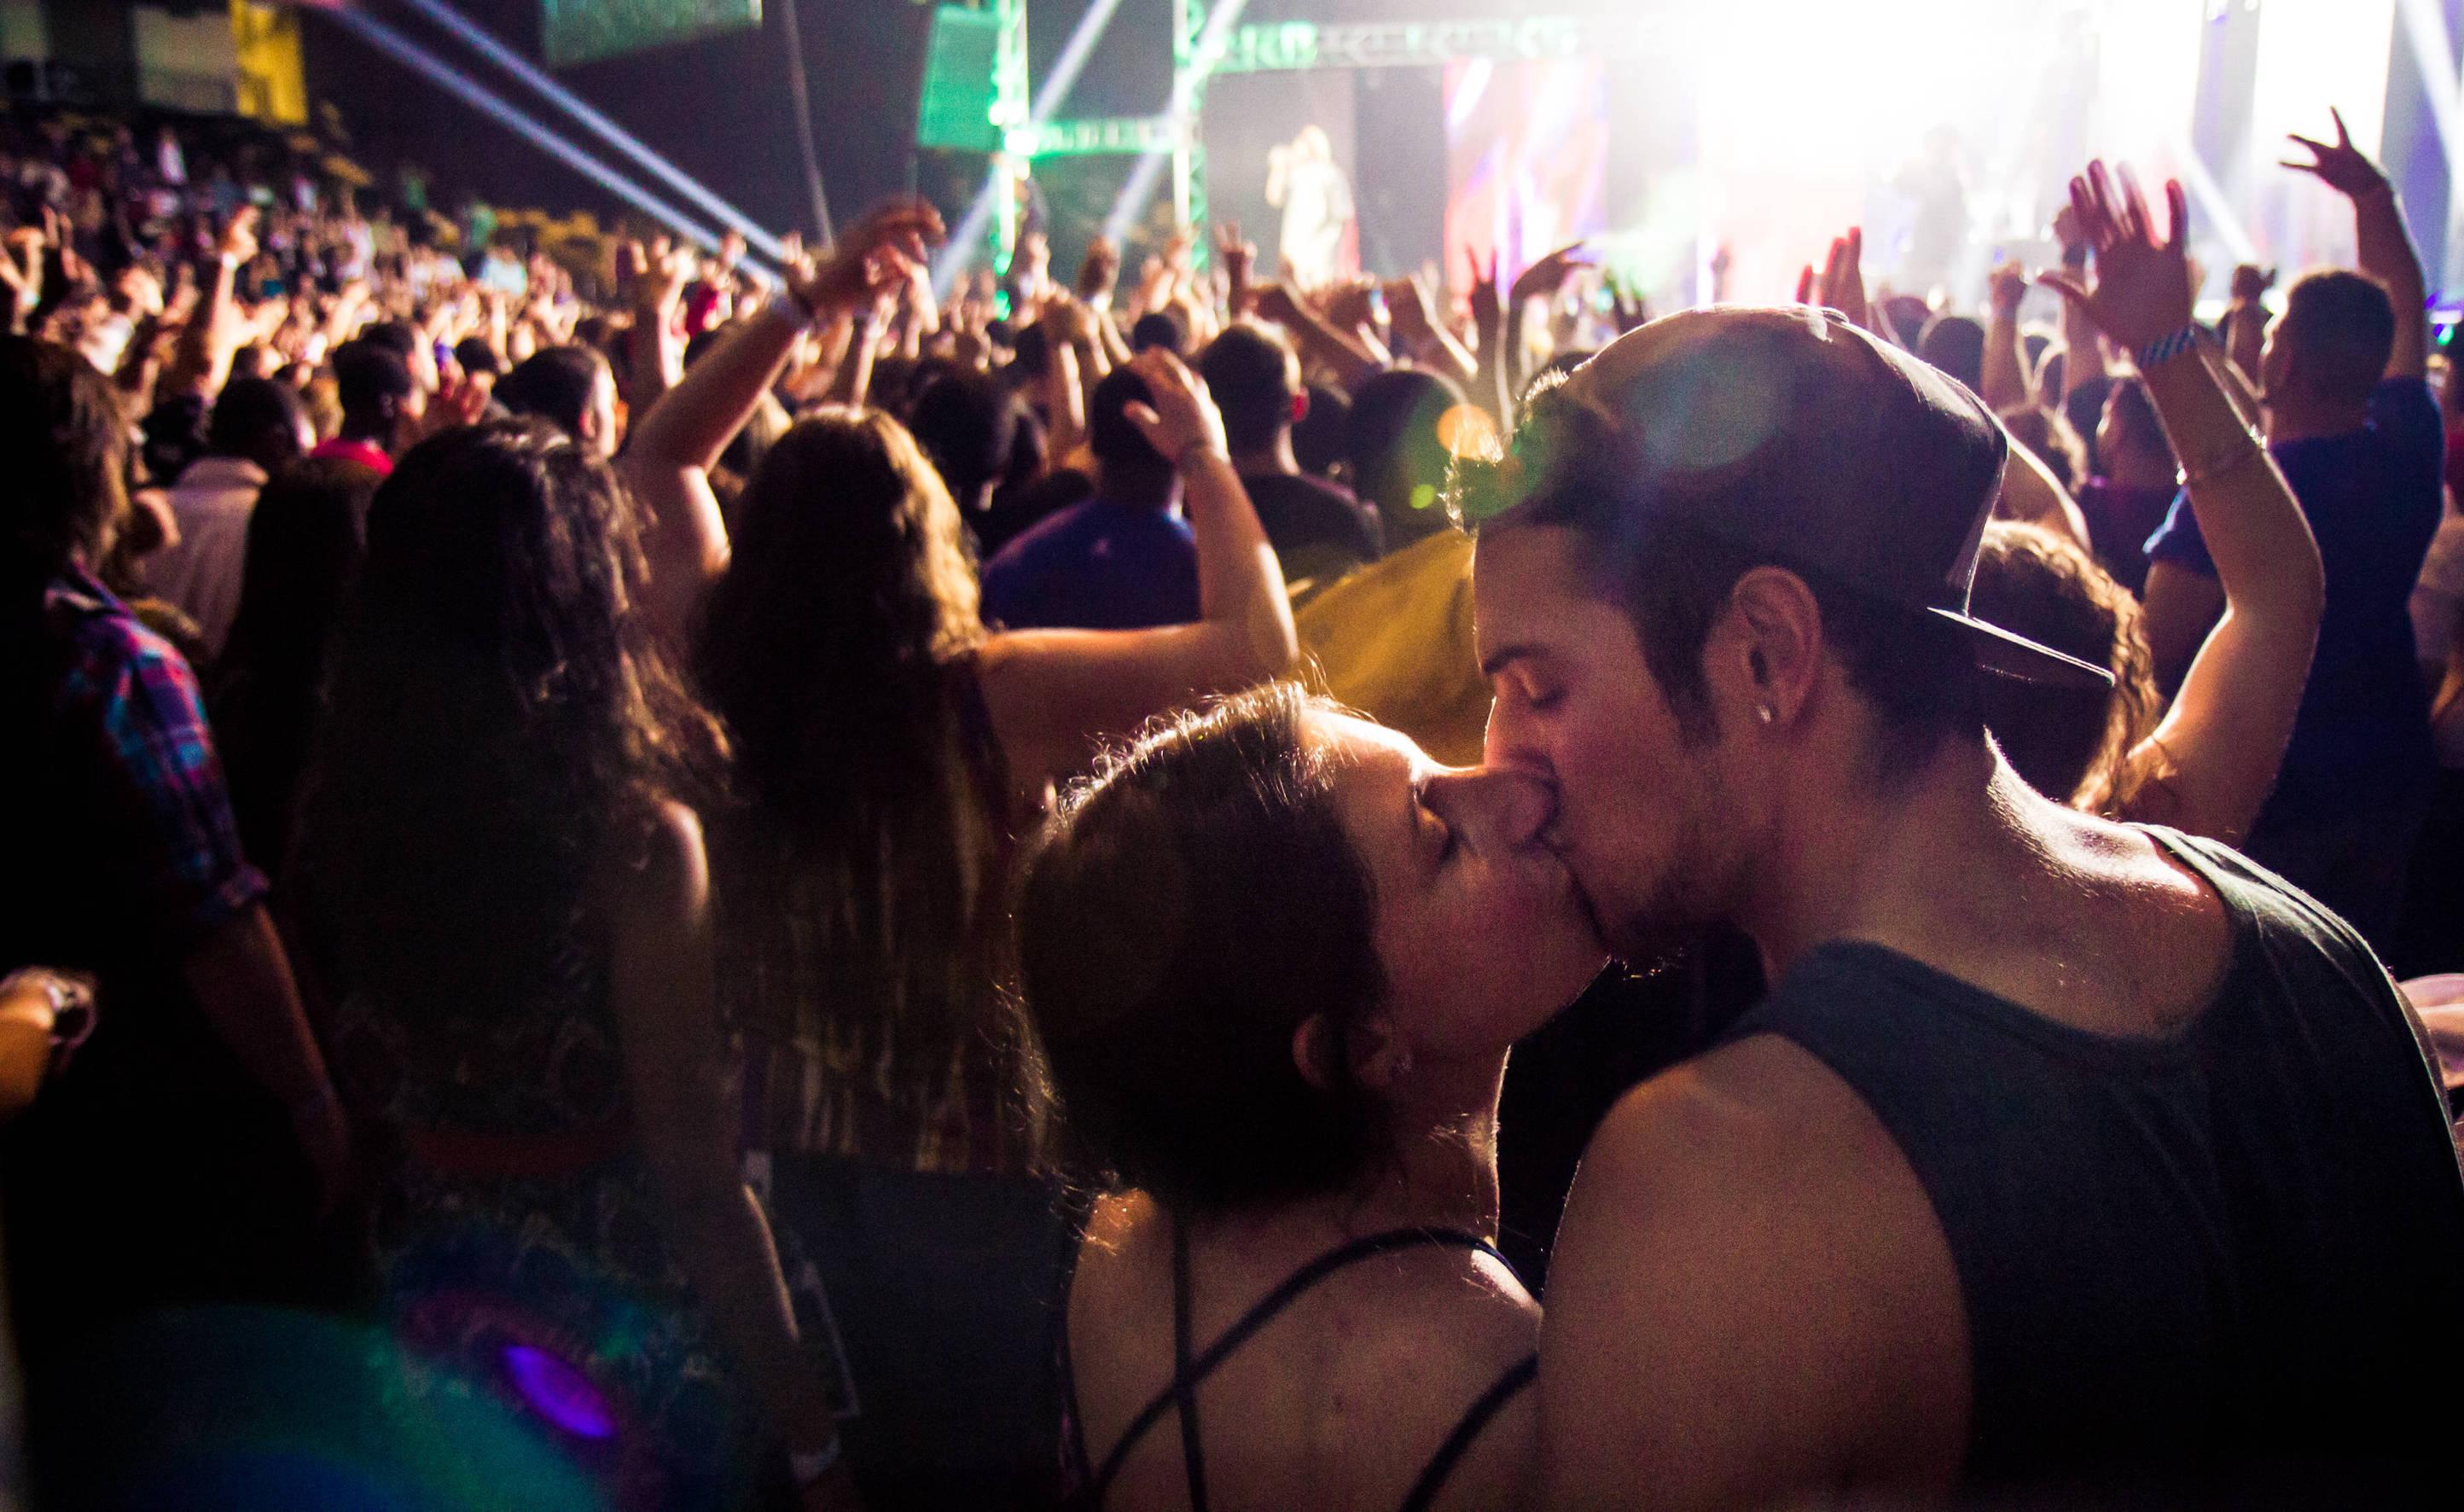 6 formas de sorprender a mi novio por su cumplea os como - Como sorprender a tu novio en su cumpleanos ...